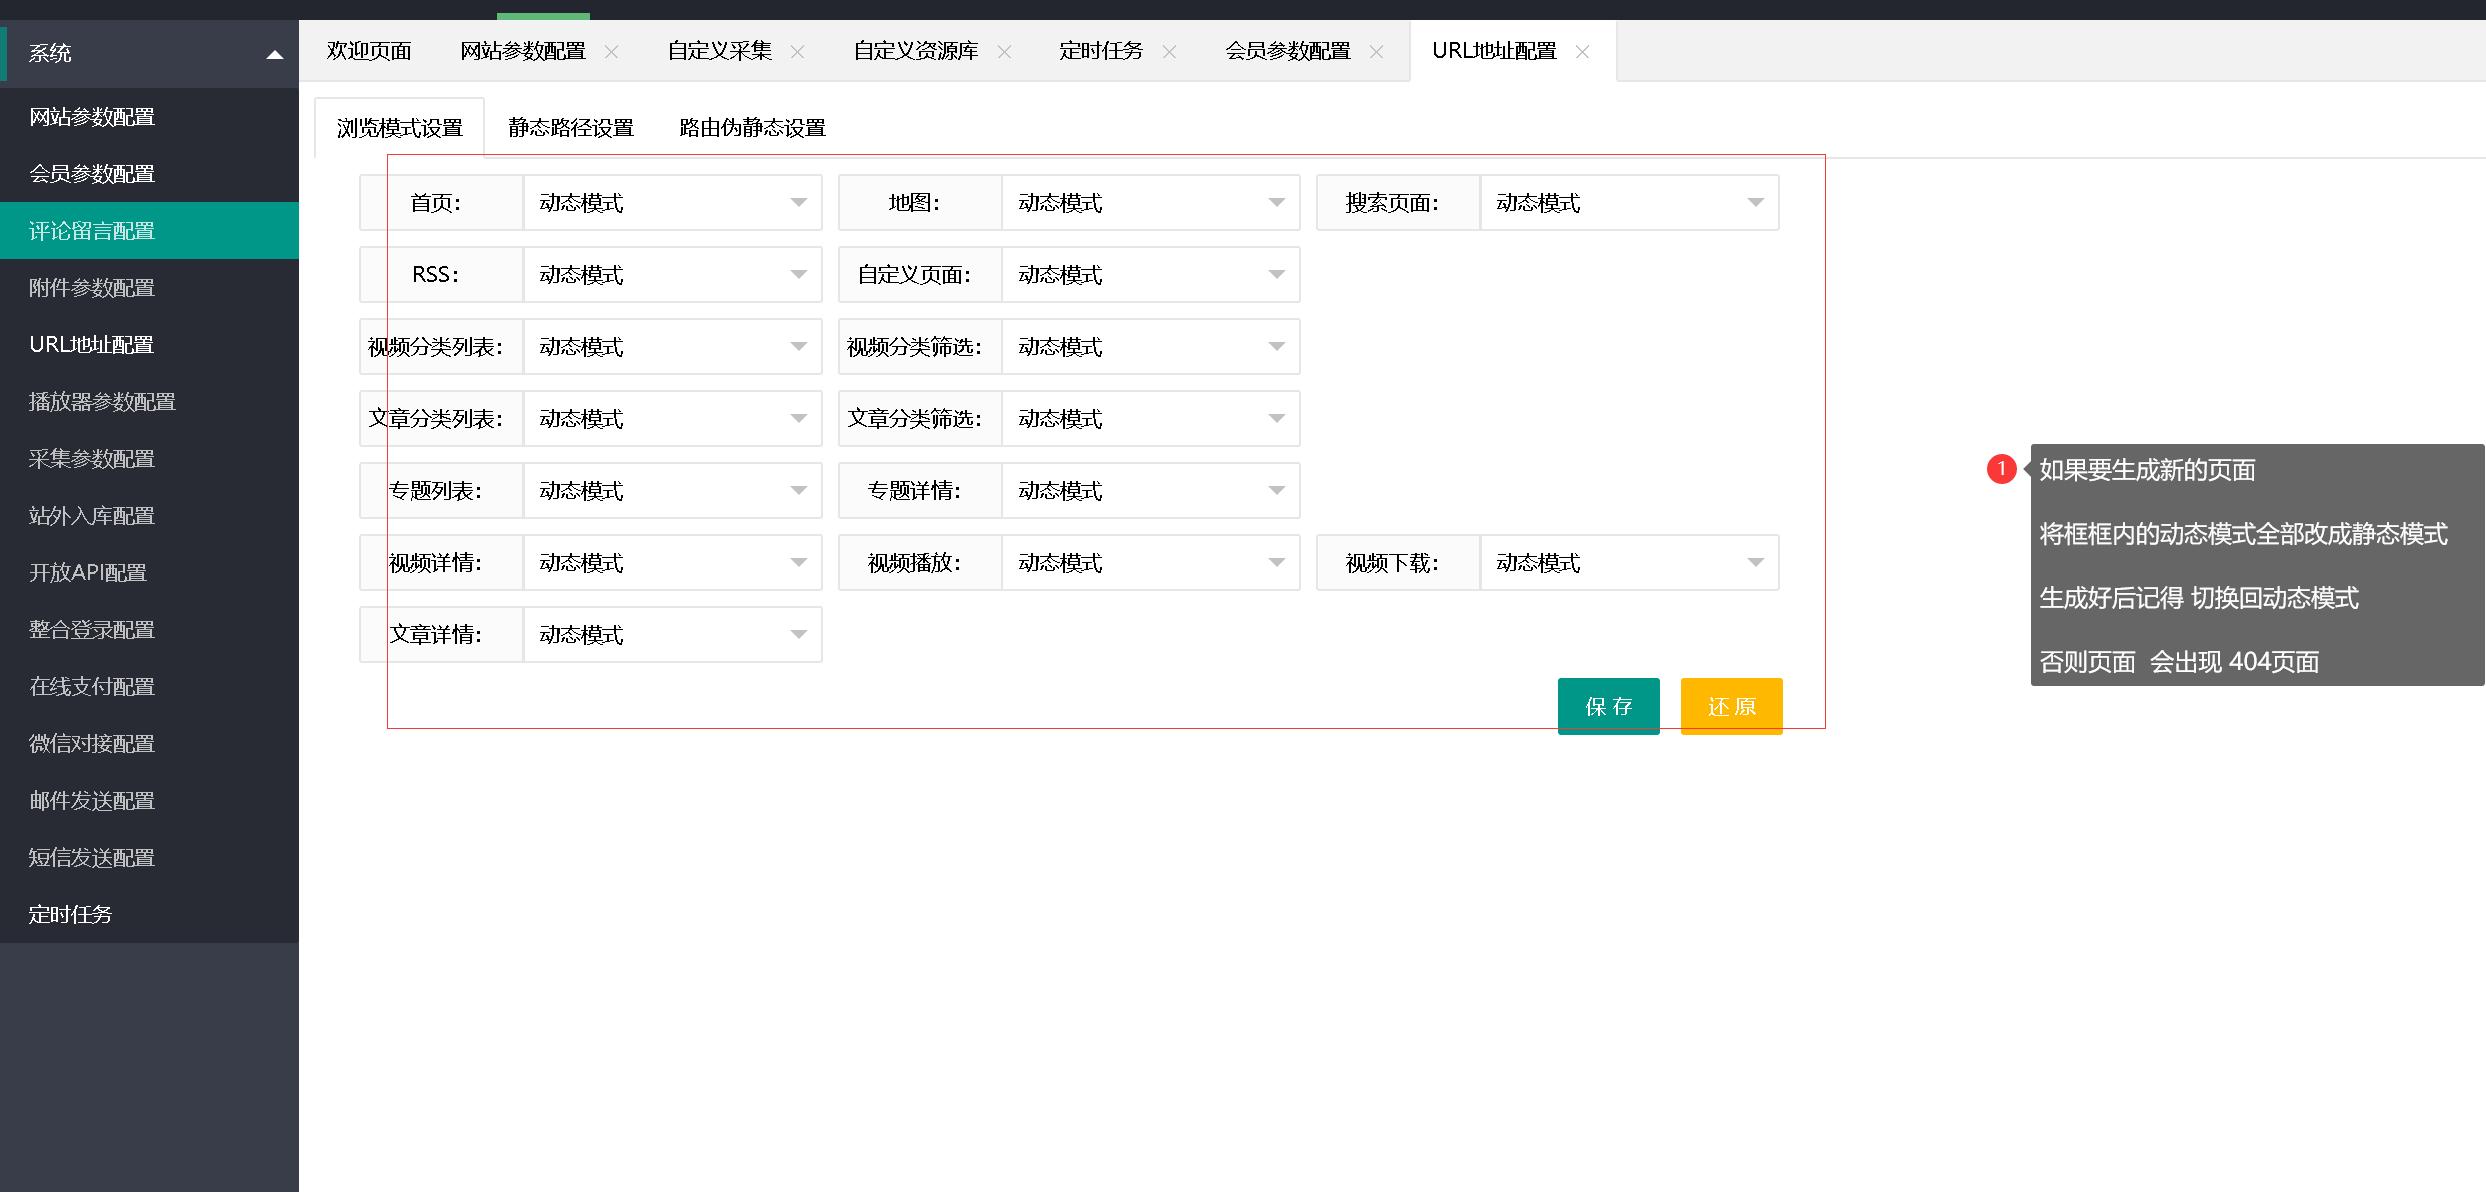 苹果cms海螺模板/大橙子模板/仿B站模板/v7模板/带手机移动端+详细安装使用说明